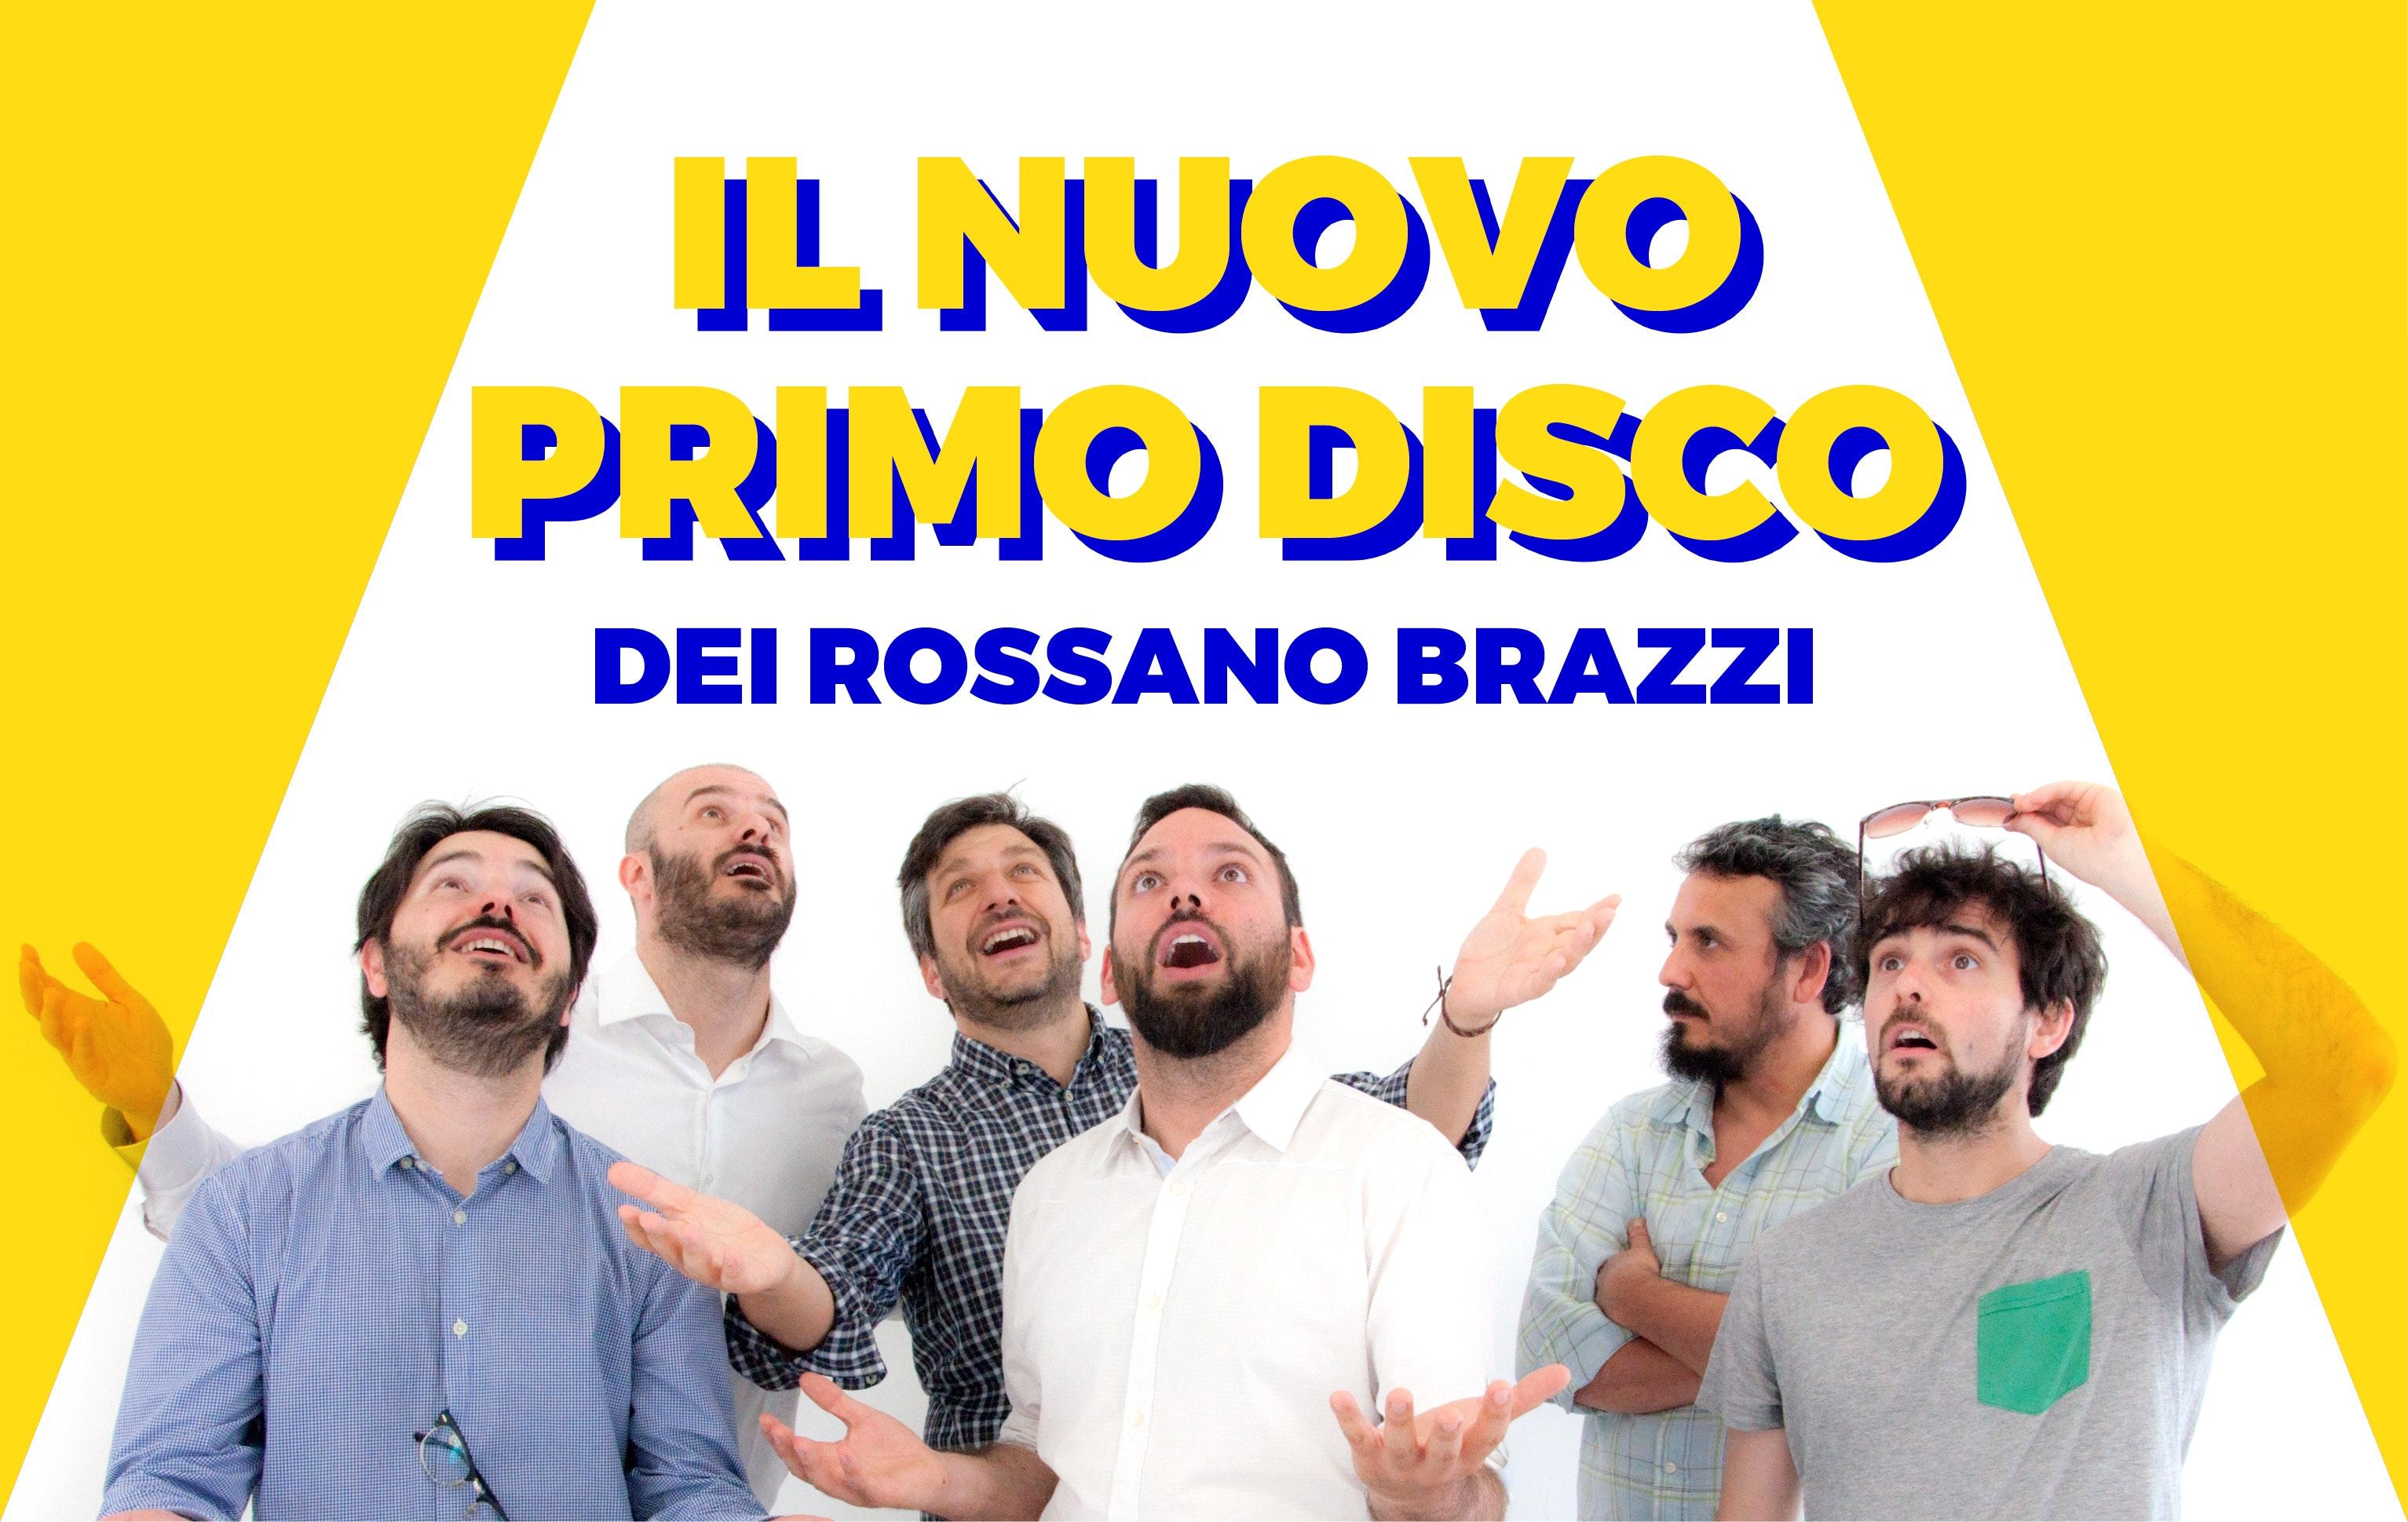 Il nuovo primo disco dei Rossano Brazzi